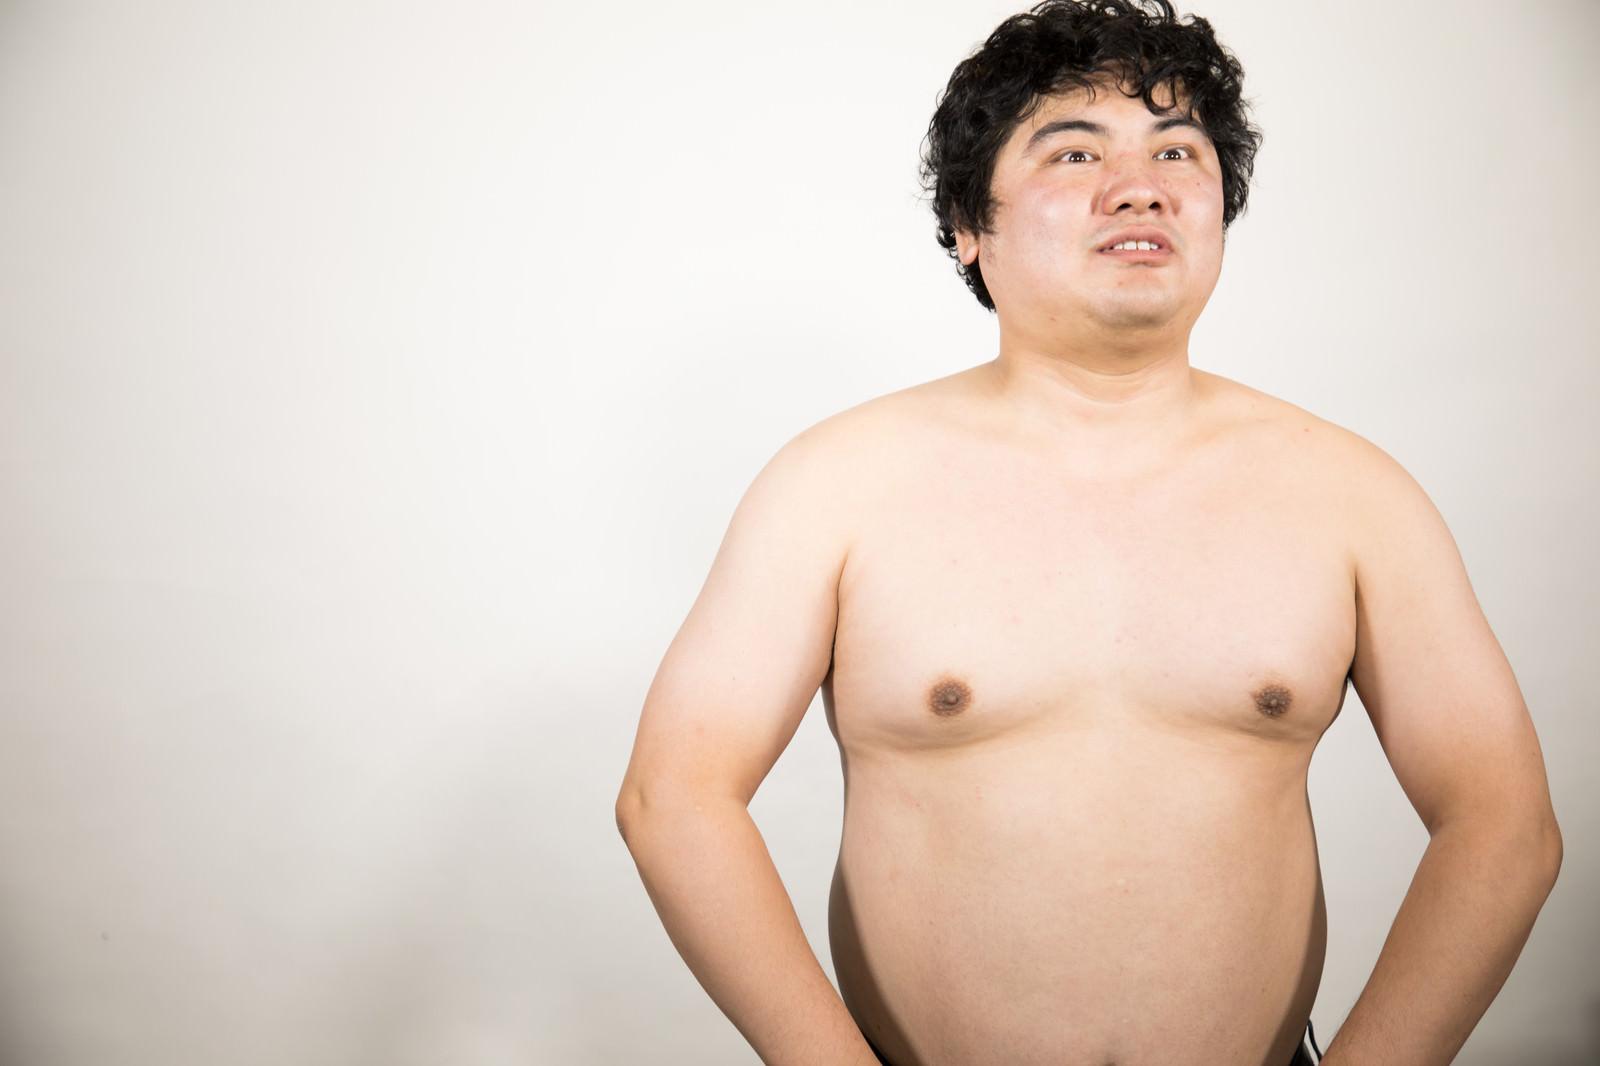 「脱いでもすごいんです脱いでもすごいんです」[モデル:段田隼人]のフリー写真素材を拡大